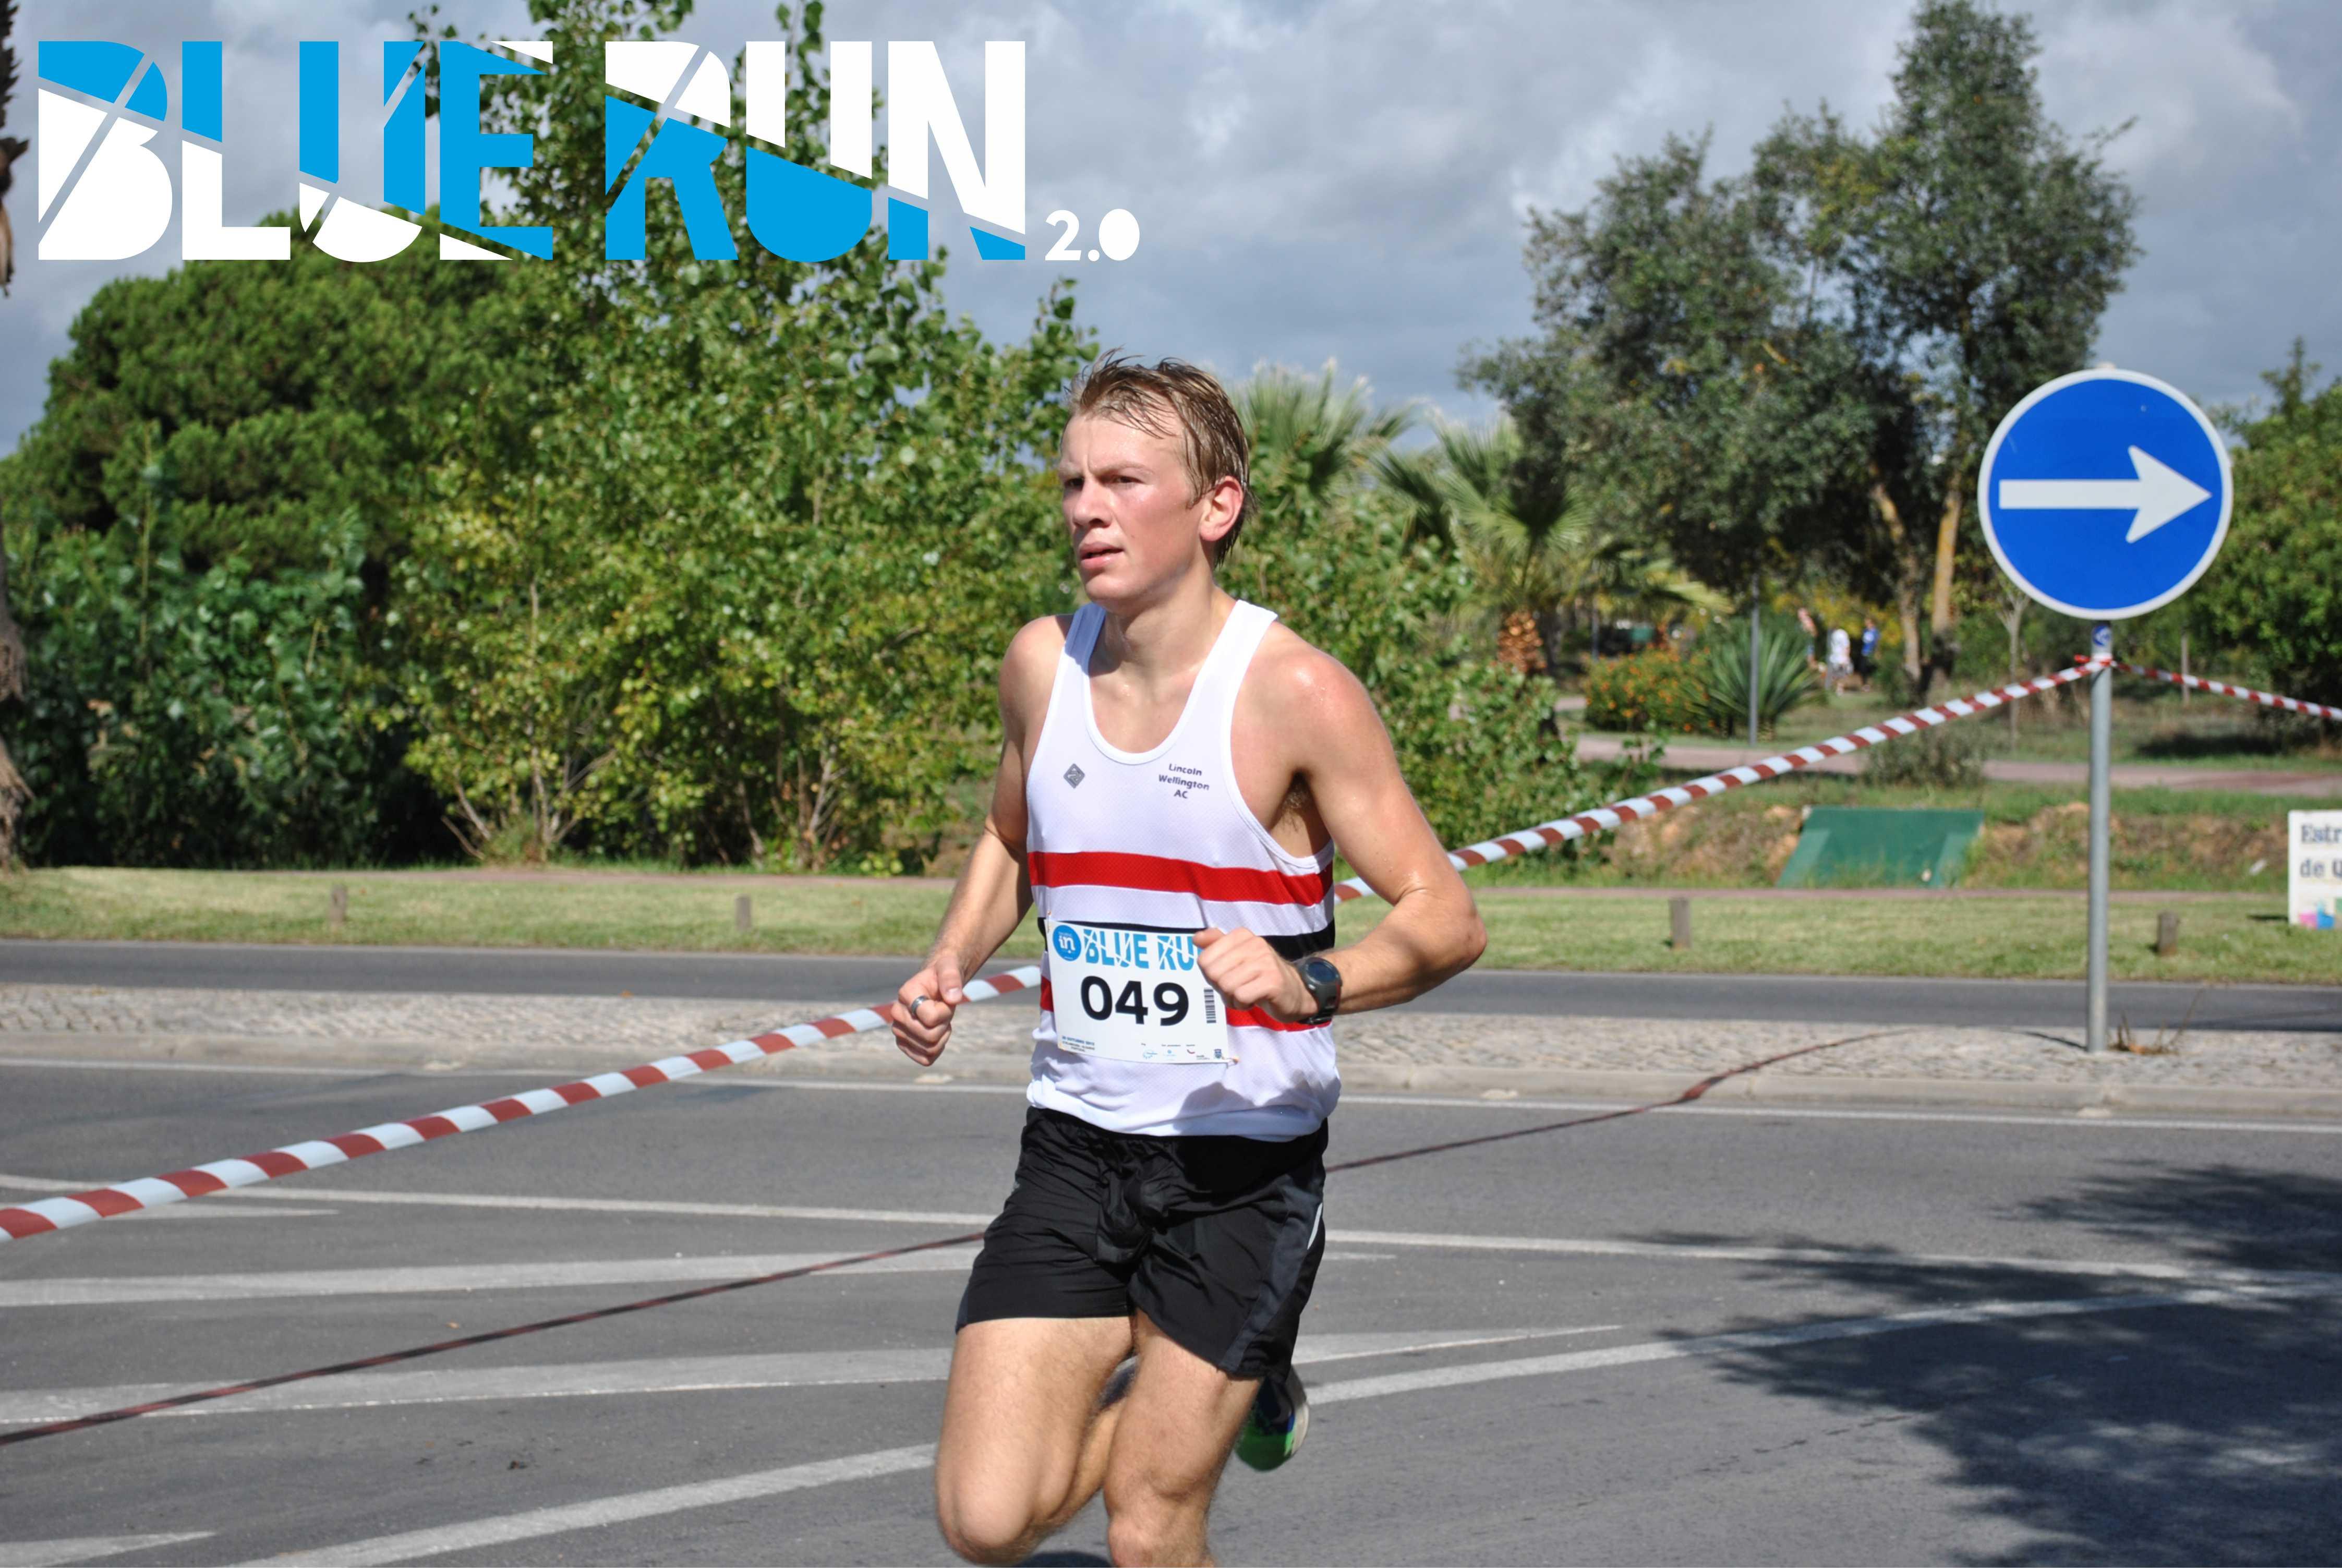 blue run 2.0 um evento para atletas